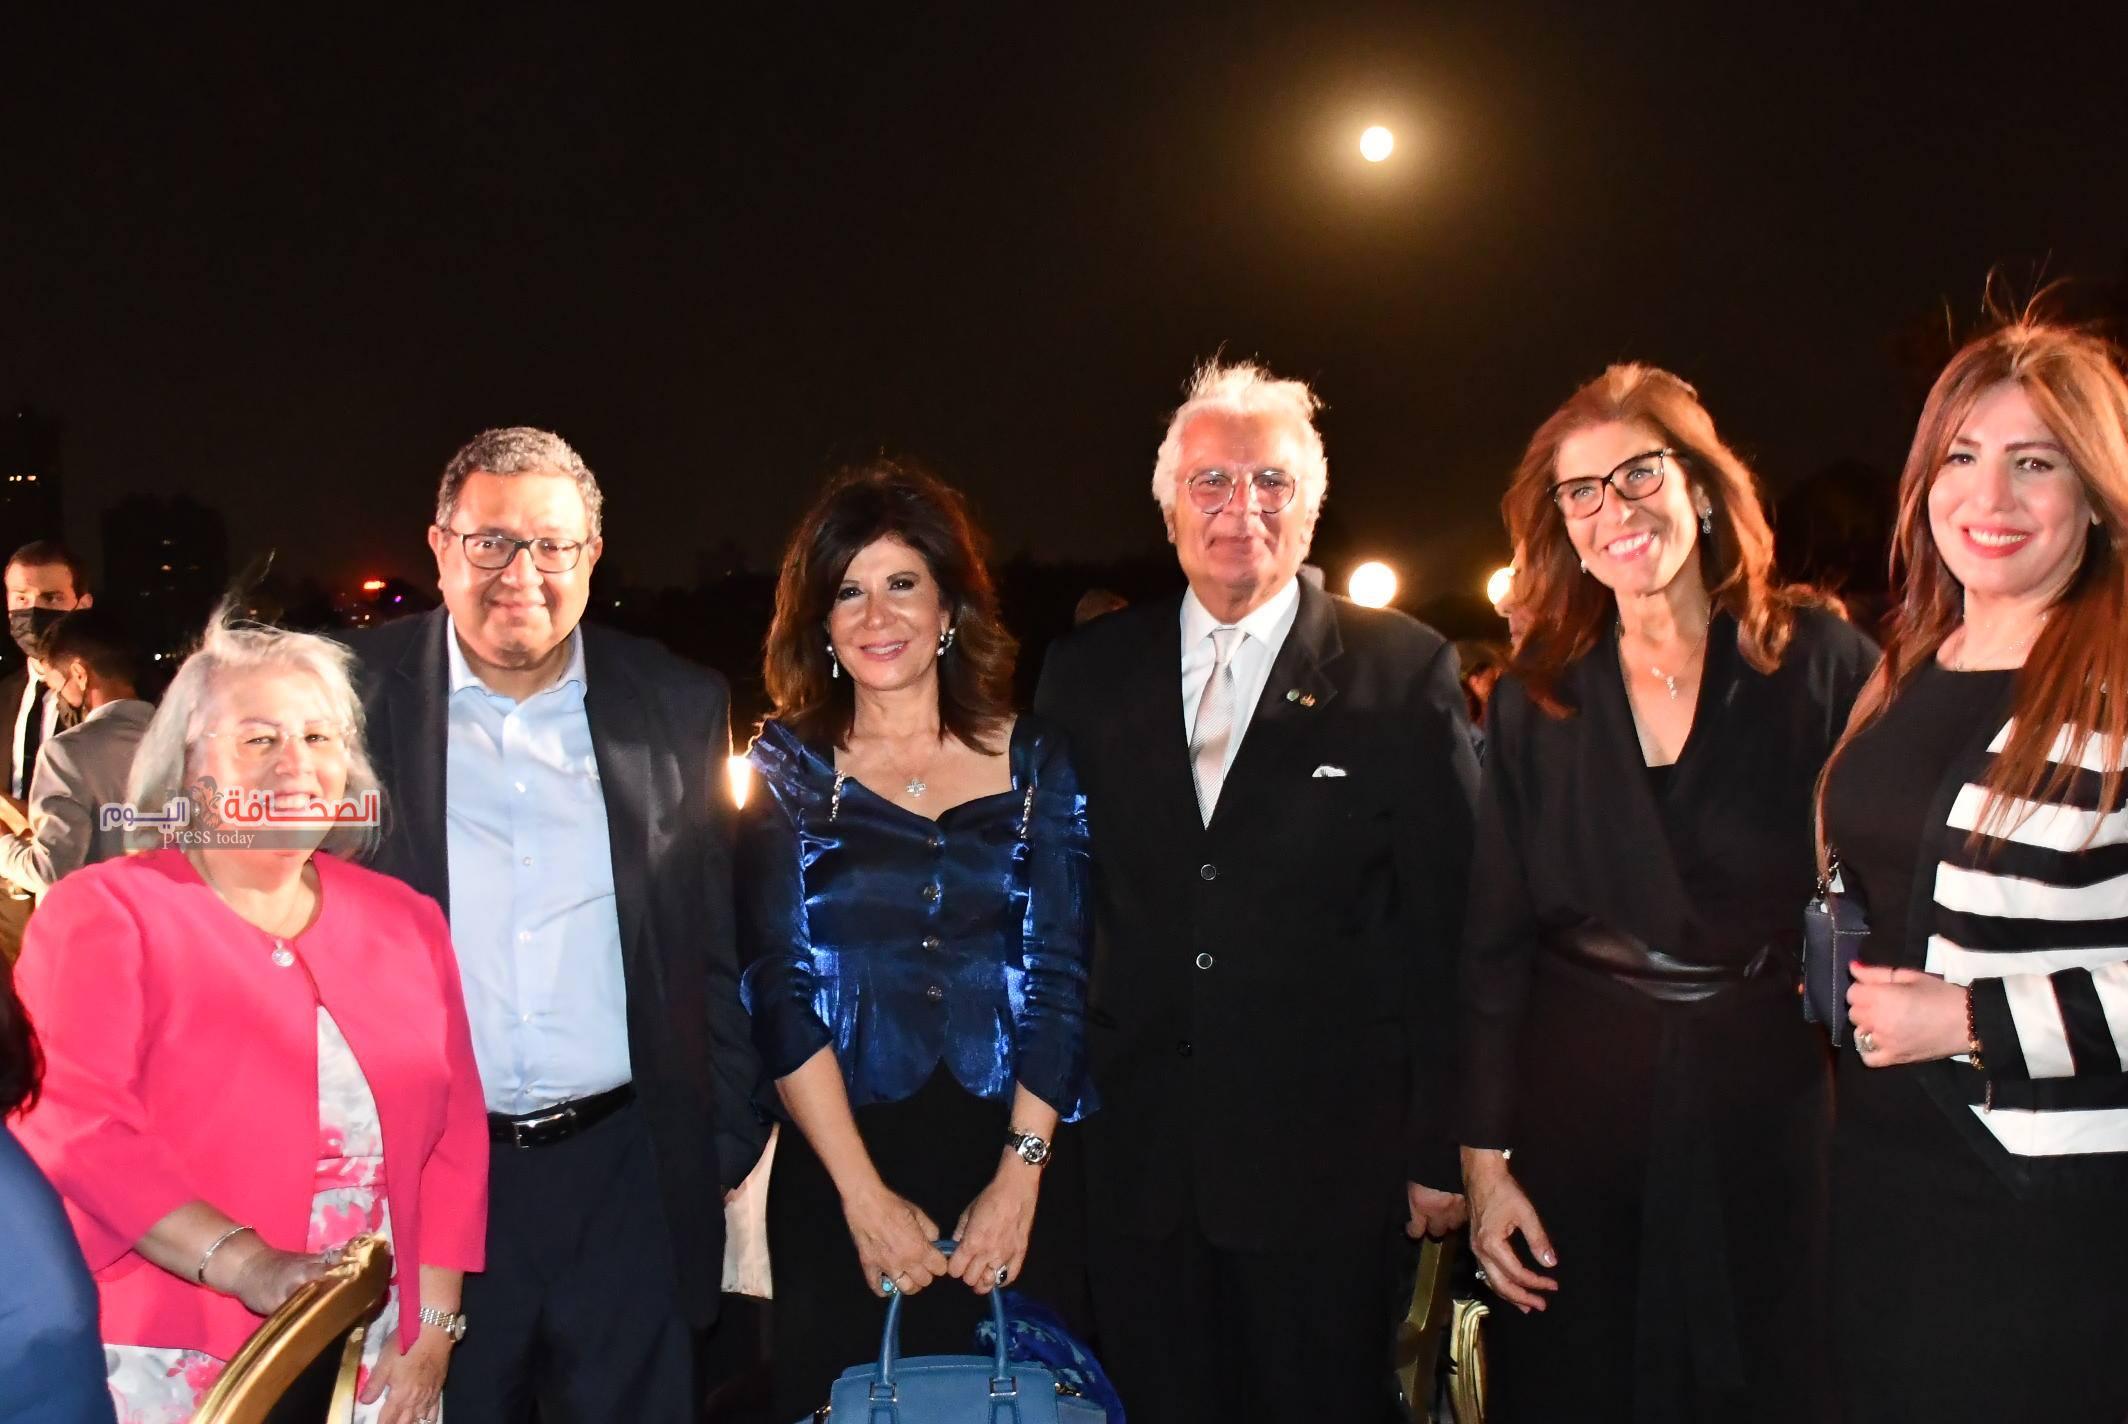 الجامعة الأمريكية بالقاهرة تودع رئيسها فرانسيس ريتشياردوني في احتفالية على نيل القاهرة